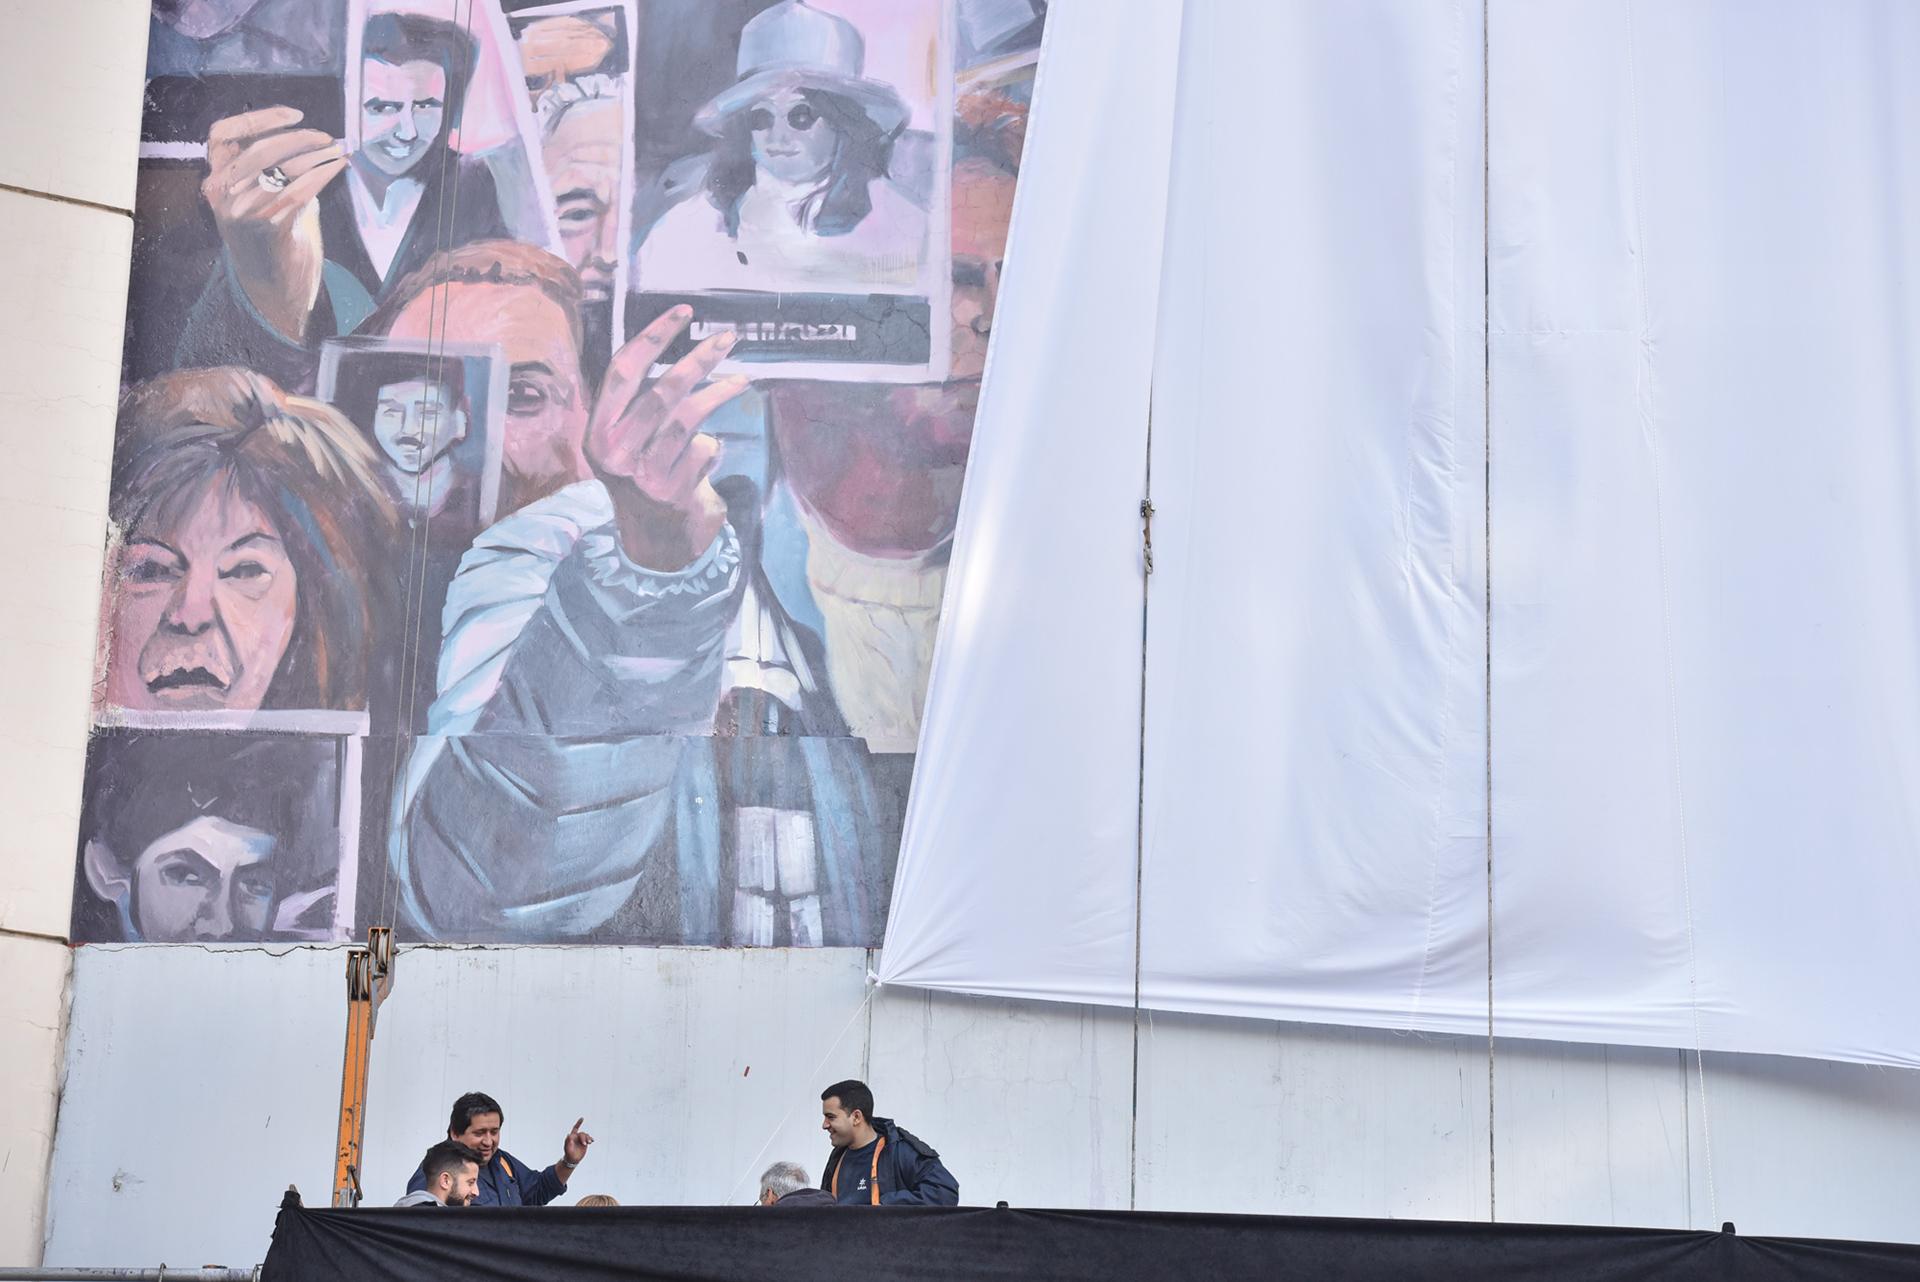 Con la presencia del presidente de la institución Agustín Zbar, el ministro de Cultura porteño Enrique Avogadro, el curador y coordinación general del proyecto Elio Kapszuk, autoridades y empleados de la institución, y familiares de las víctimas, el mural fue develado en un acto que se realizó en la plaza seca del edificio ubicado en Pasteur 633